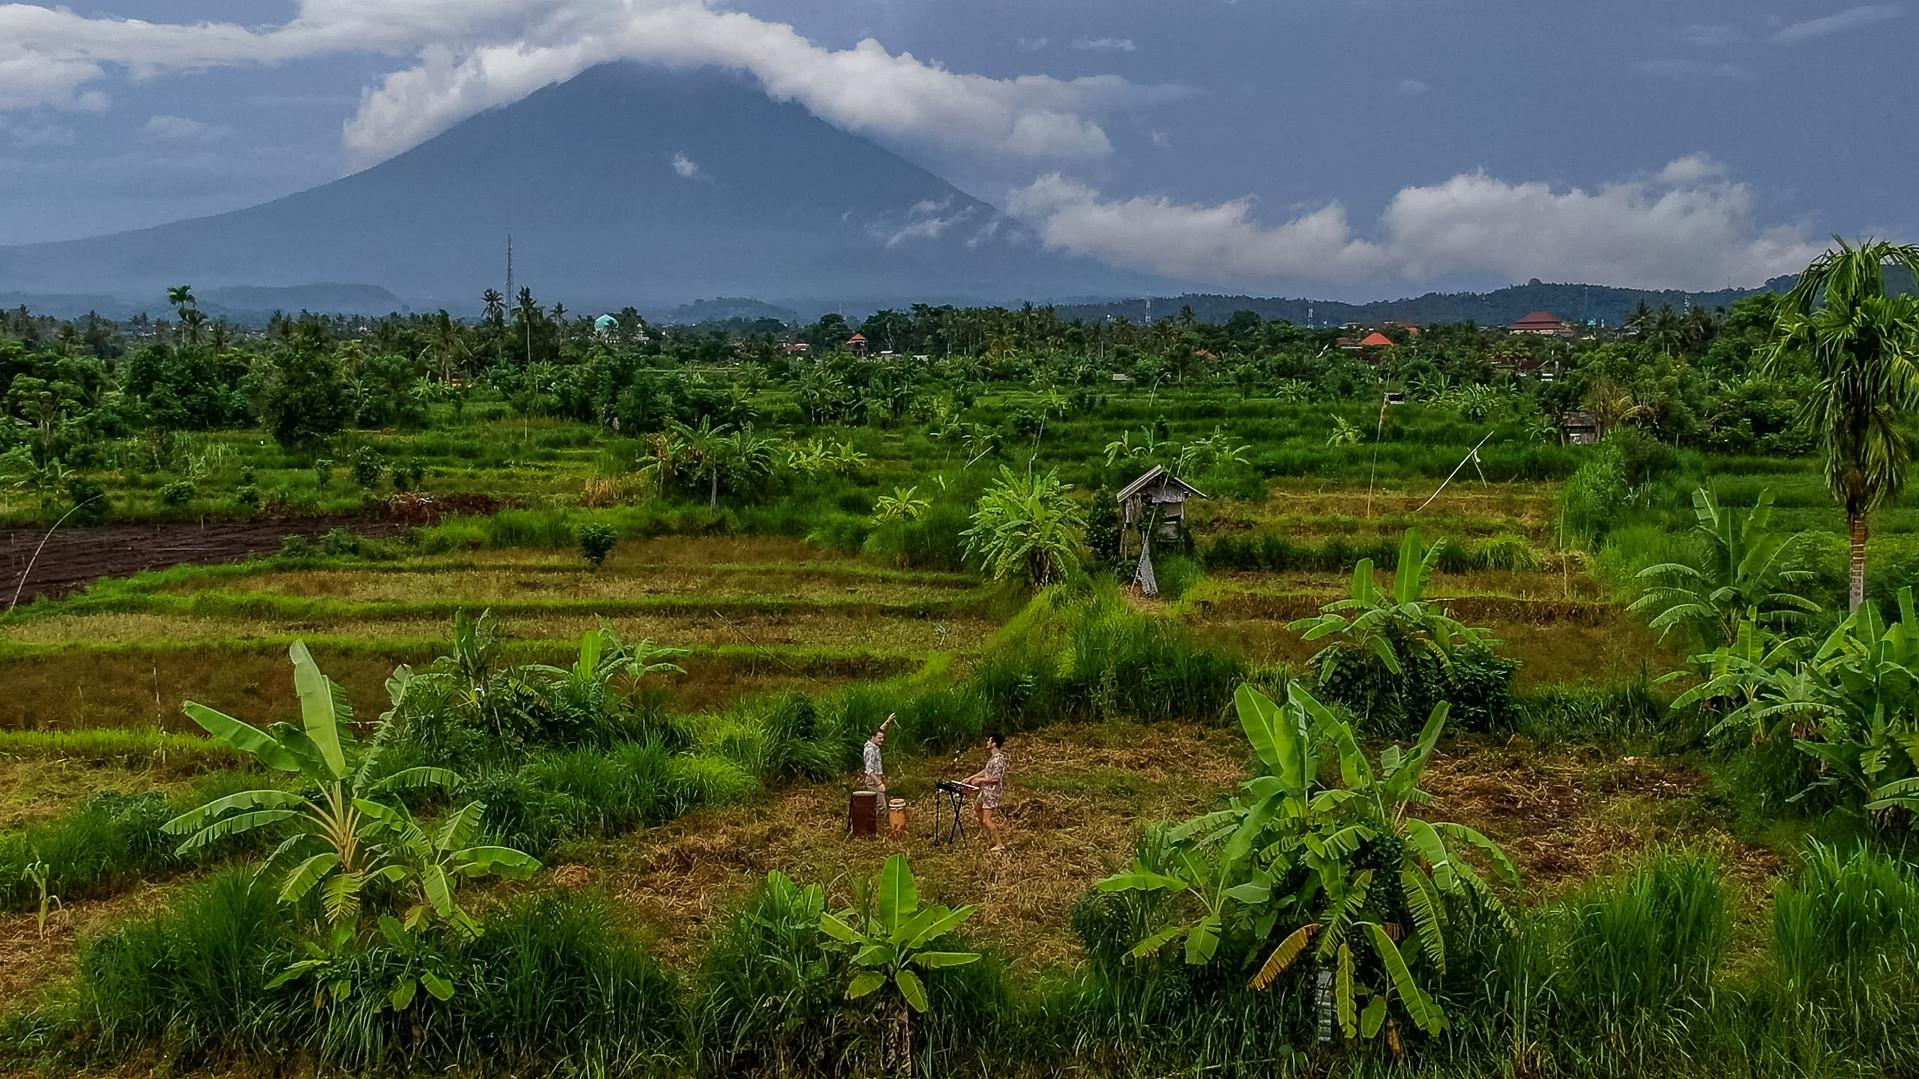 20190220_MAVIC_CAMILLA_DELLION_INDONESIA